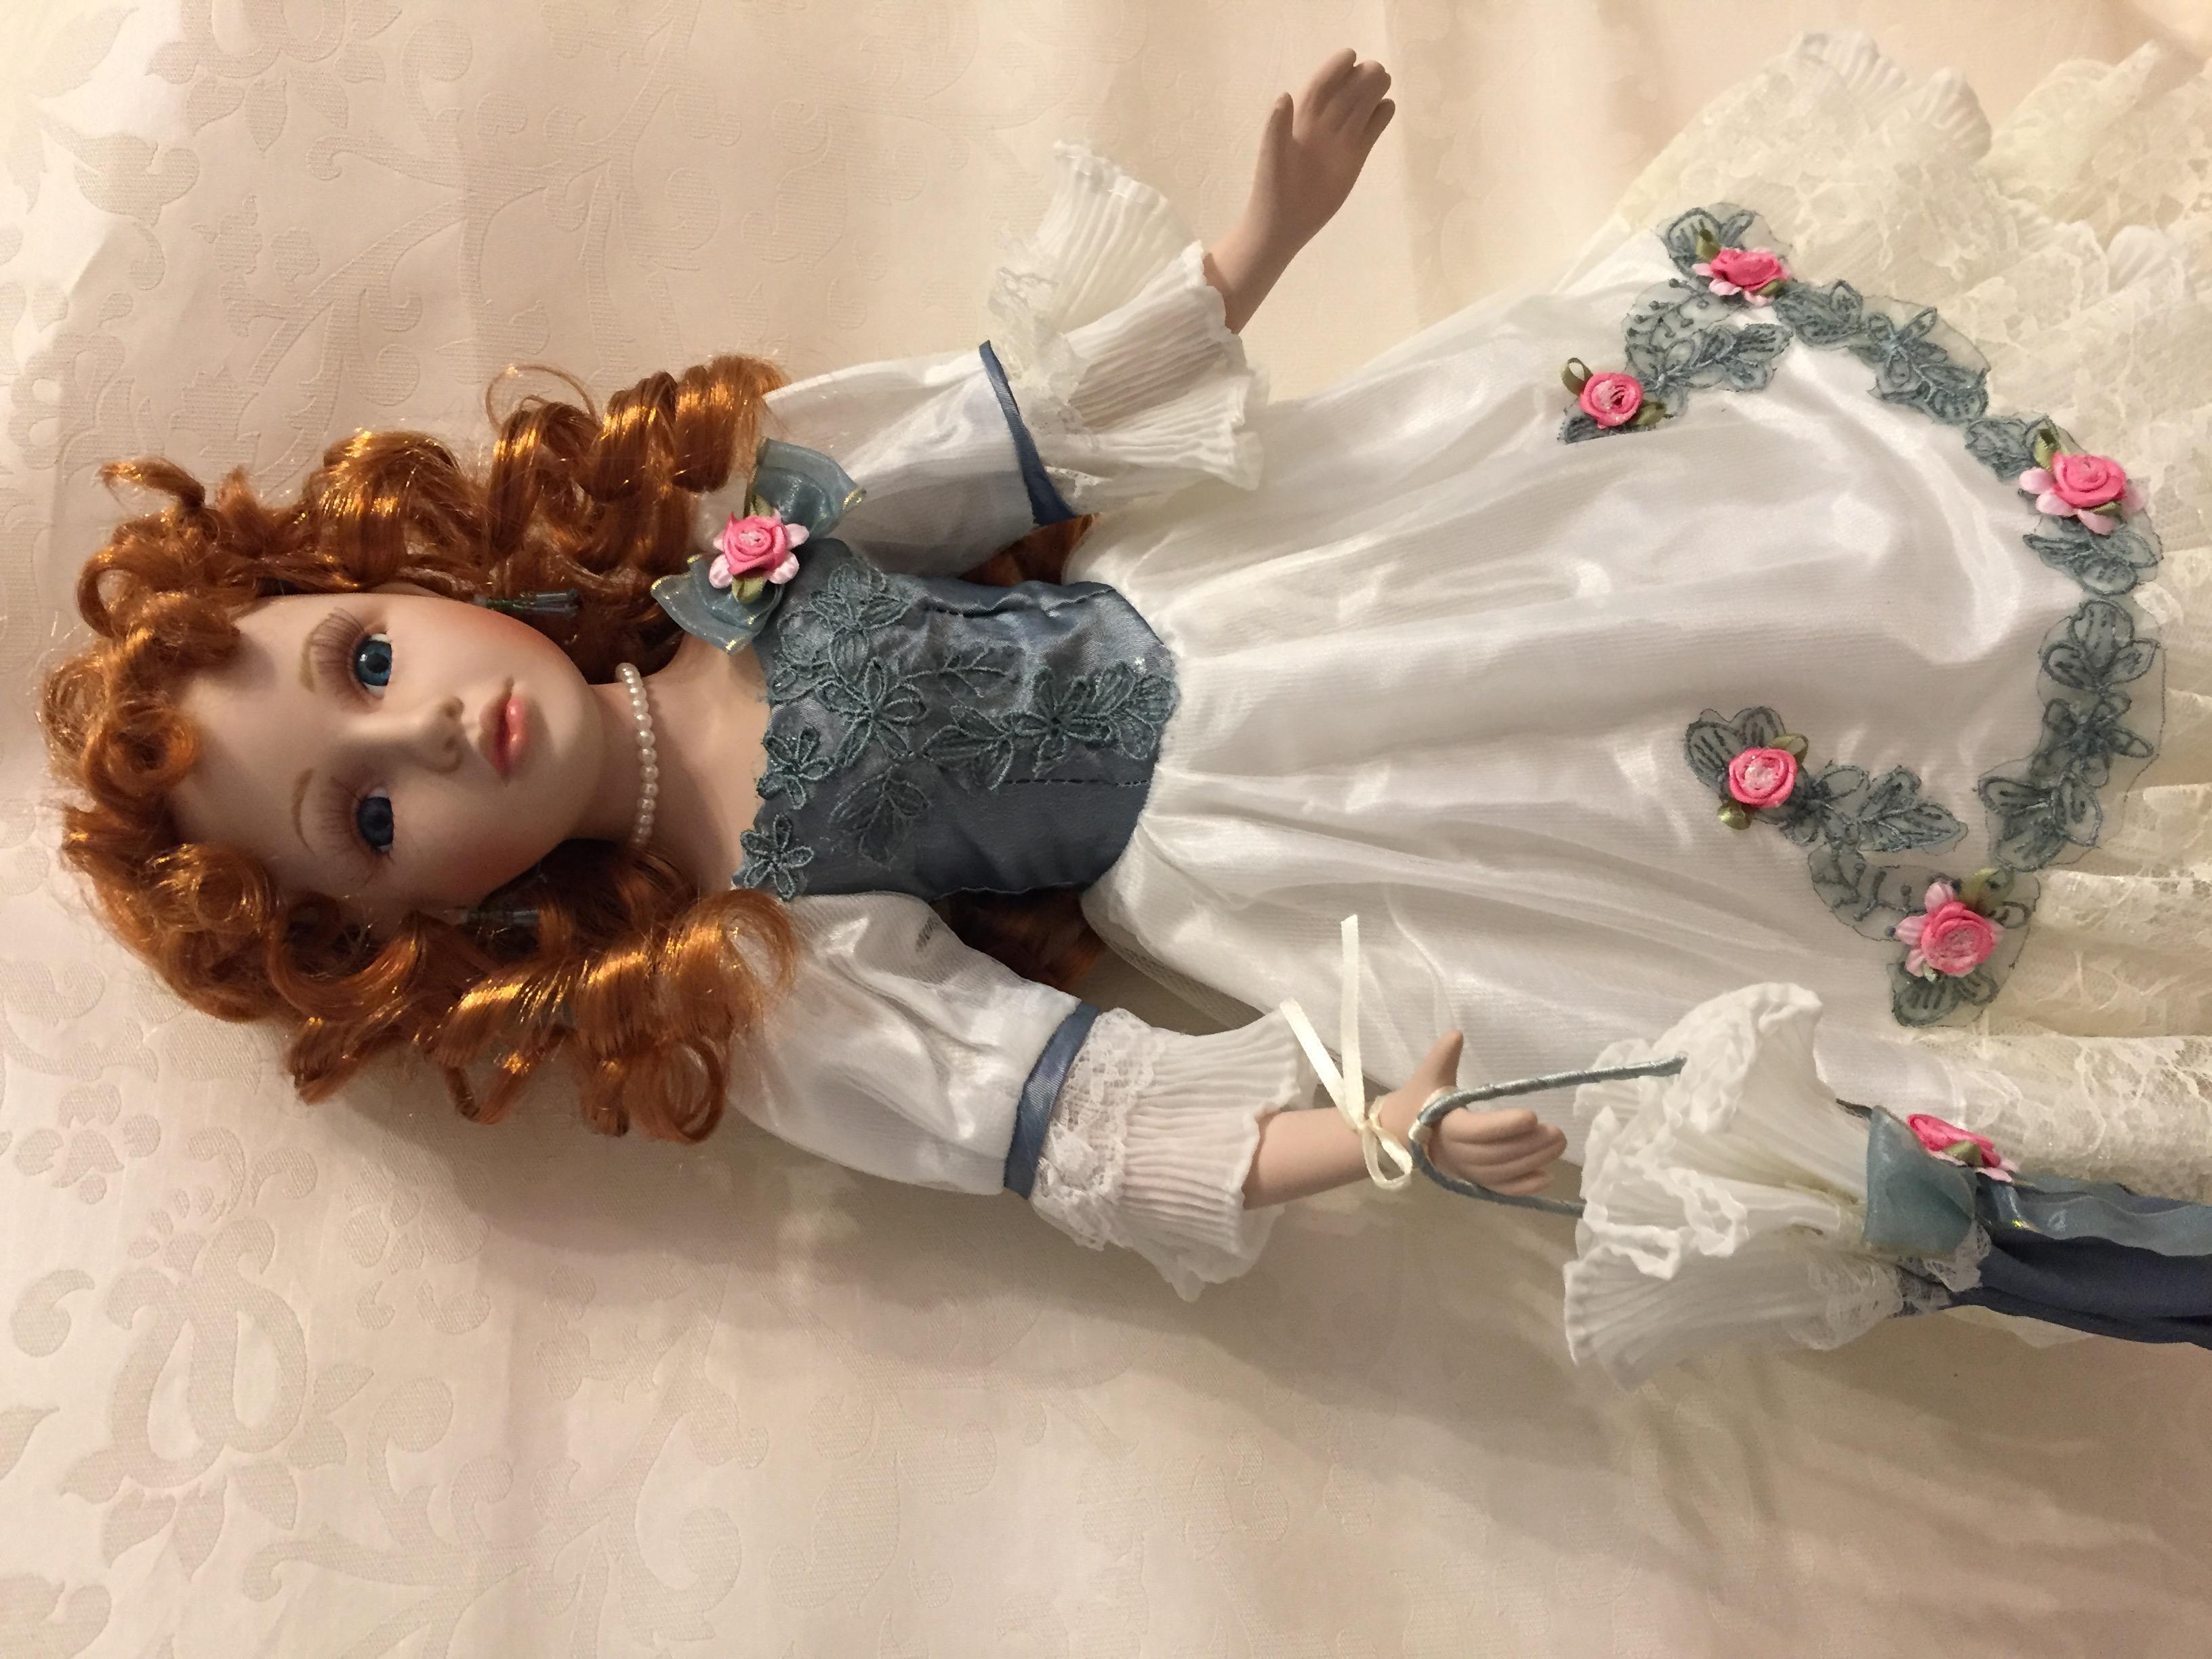 Коллекционная кукла своими руками. Фото №3